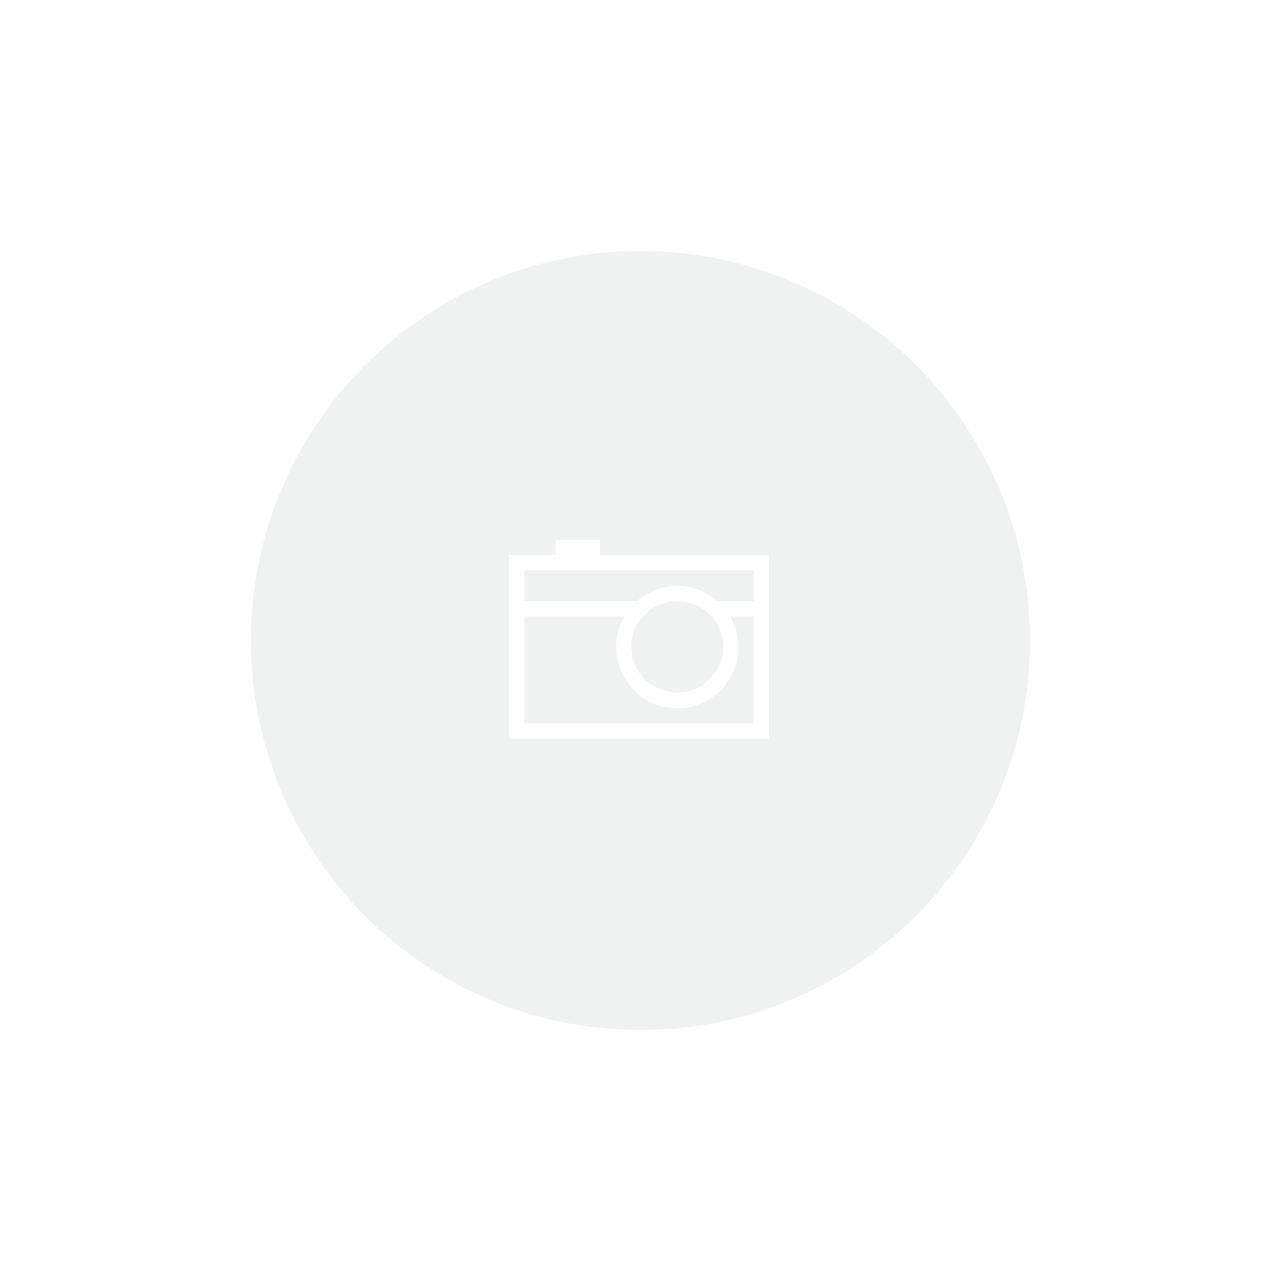 Fruteira 33Cm Vidro Transparente